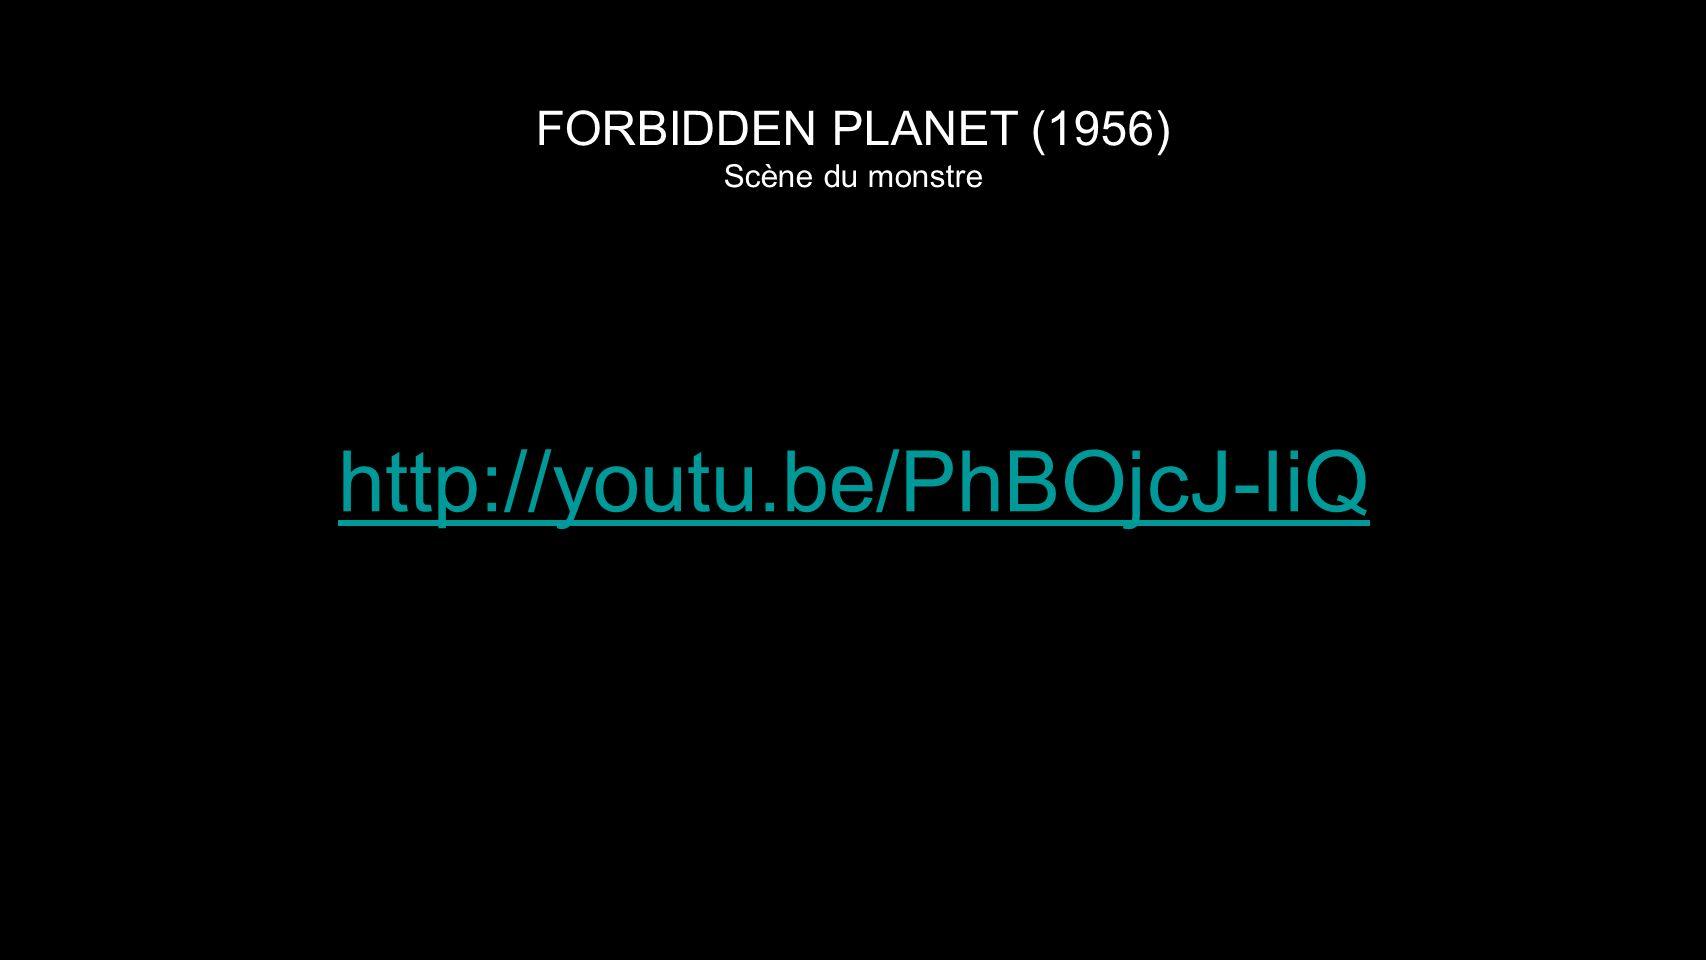 FORBIDDEN PLANET (1956) Scène du monstre